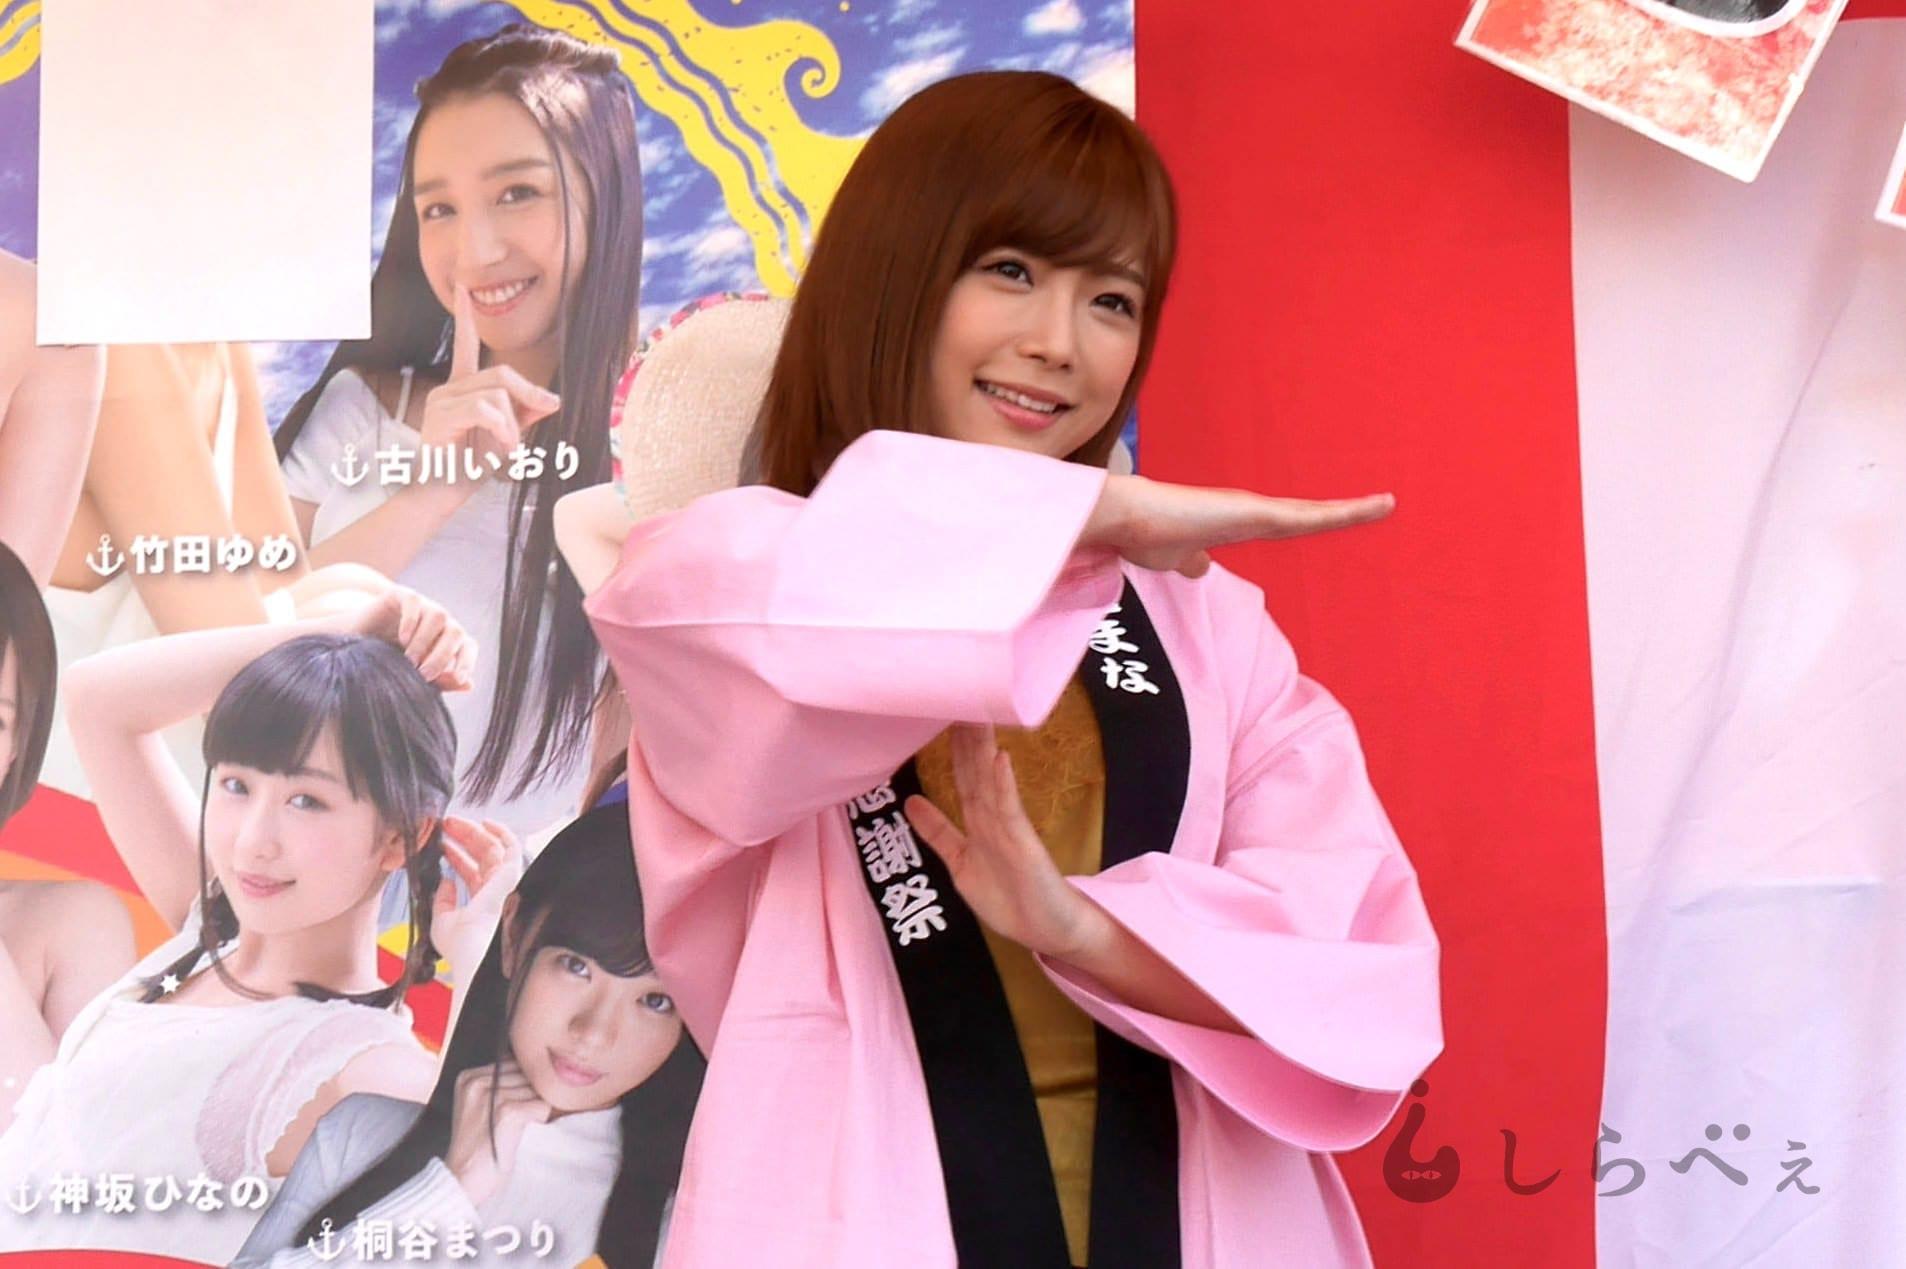 の 女優 人気 セクシー 元人気セクシー女優・澁谷果歩が明かす「あの業界のリアル」